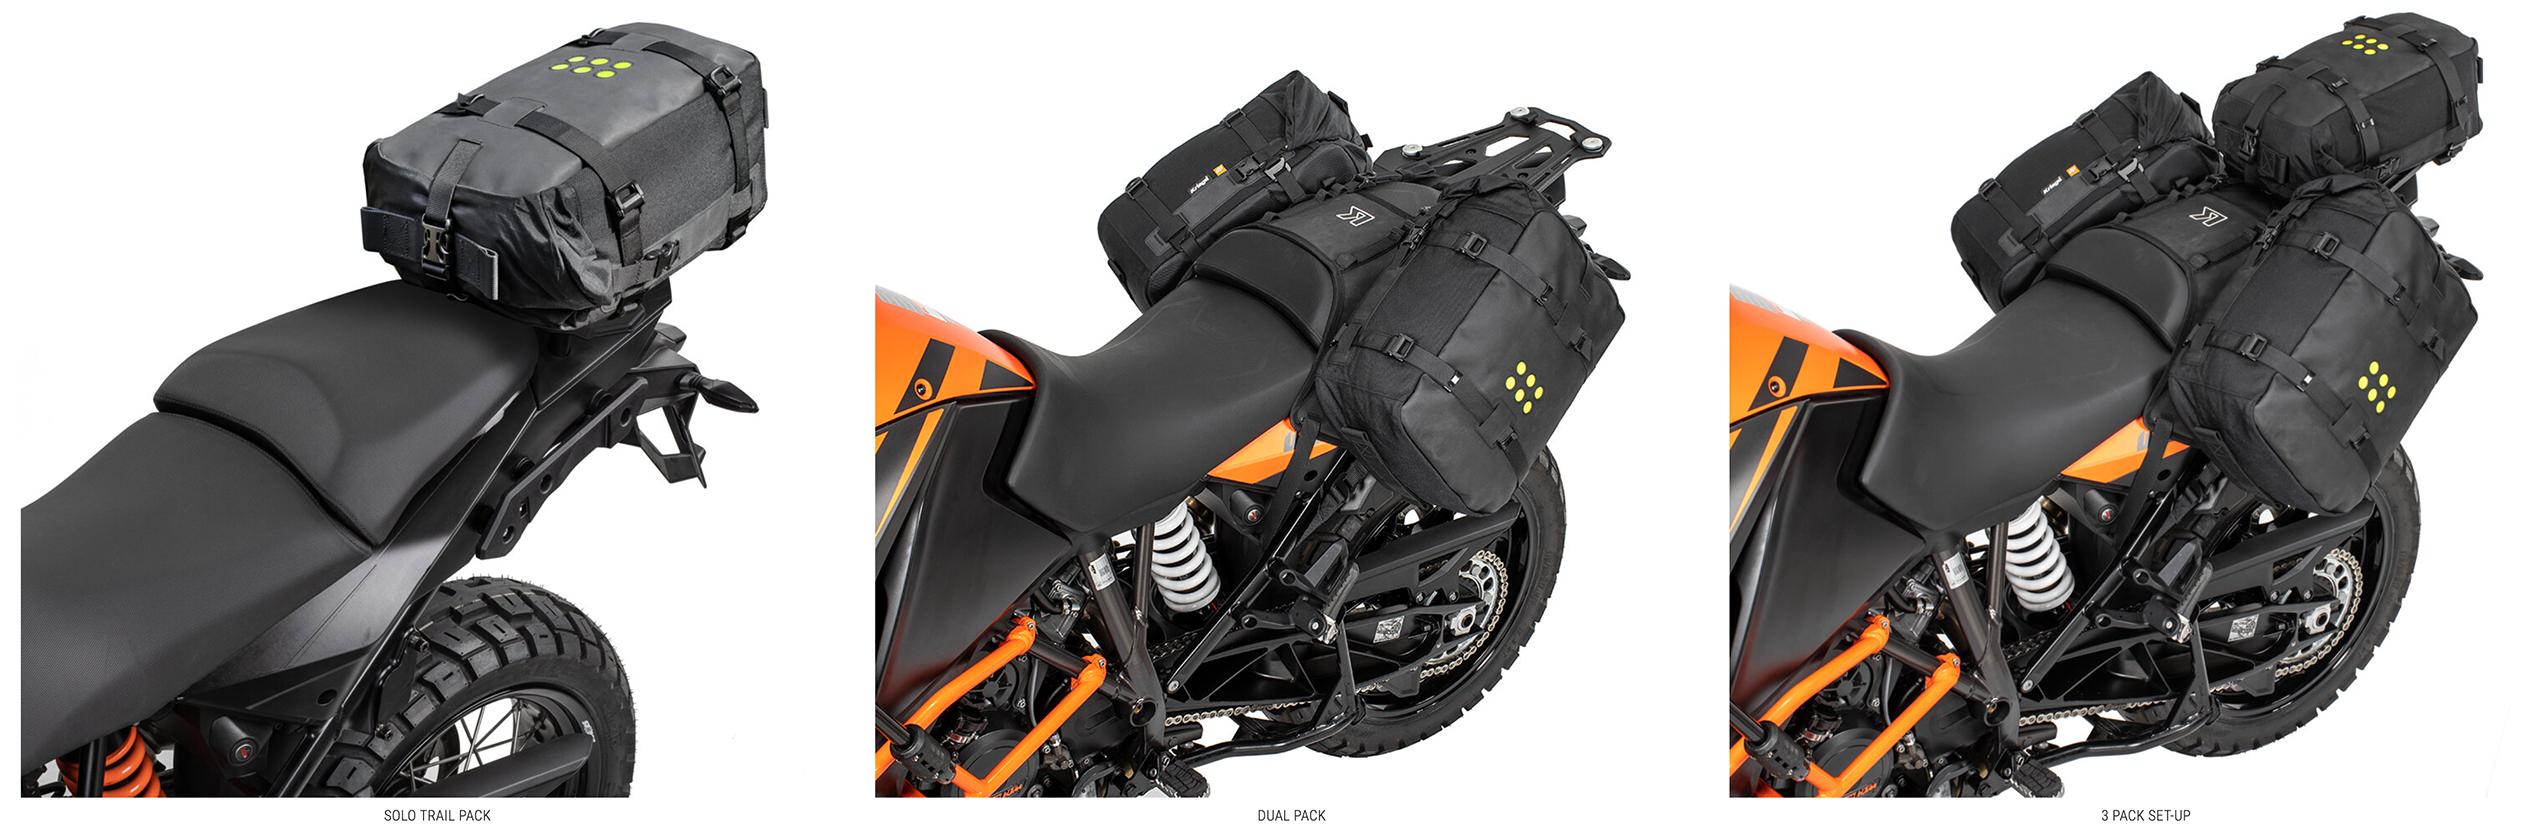 1290-Super-Adventure-Montagesystem-fu-r-OS-Taschen-04-Kopie